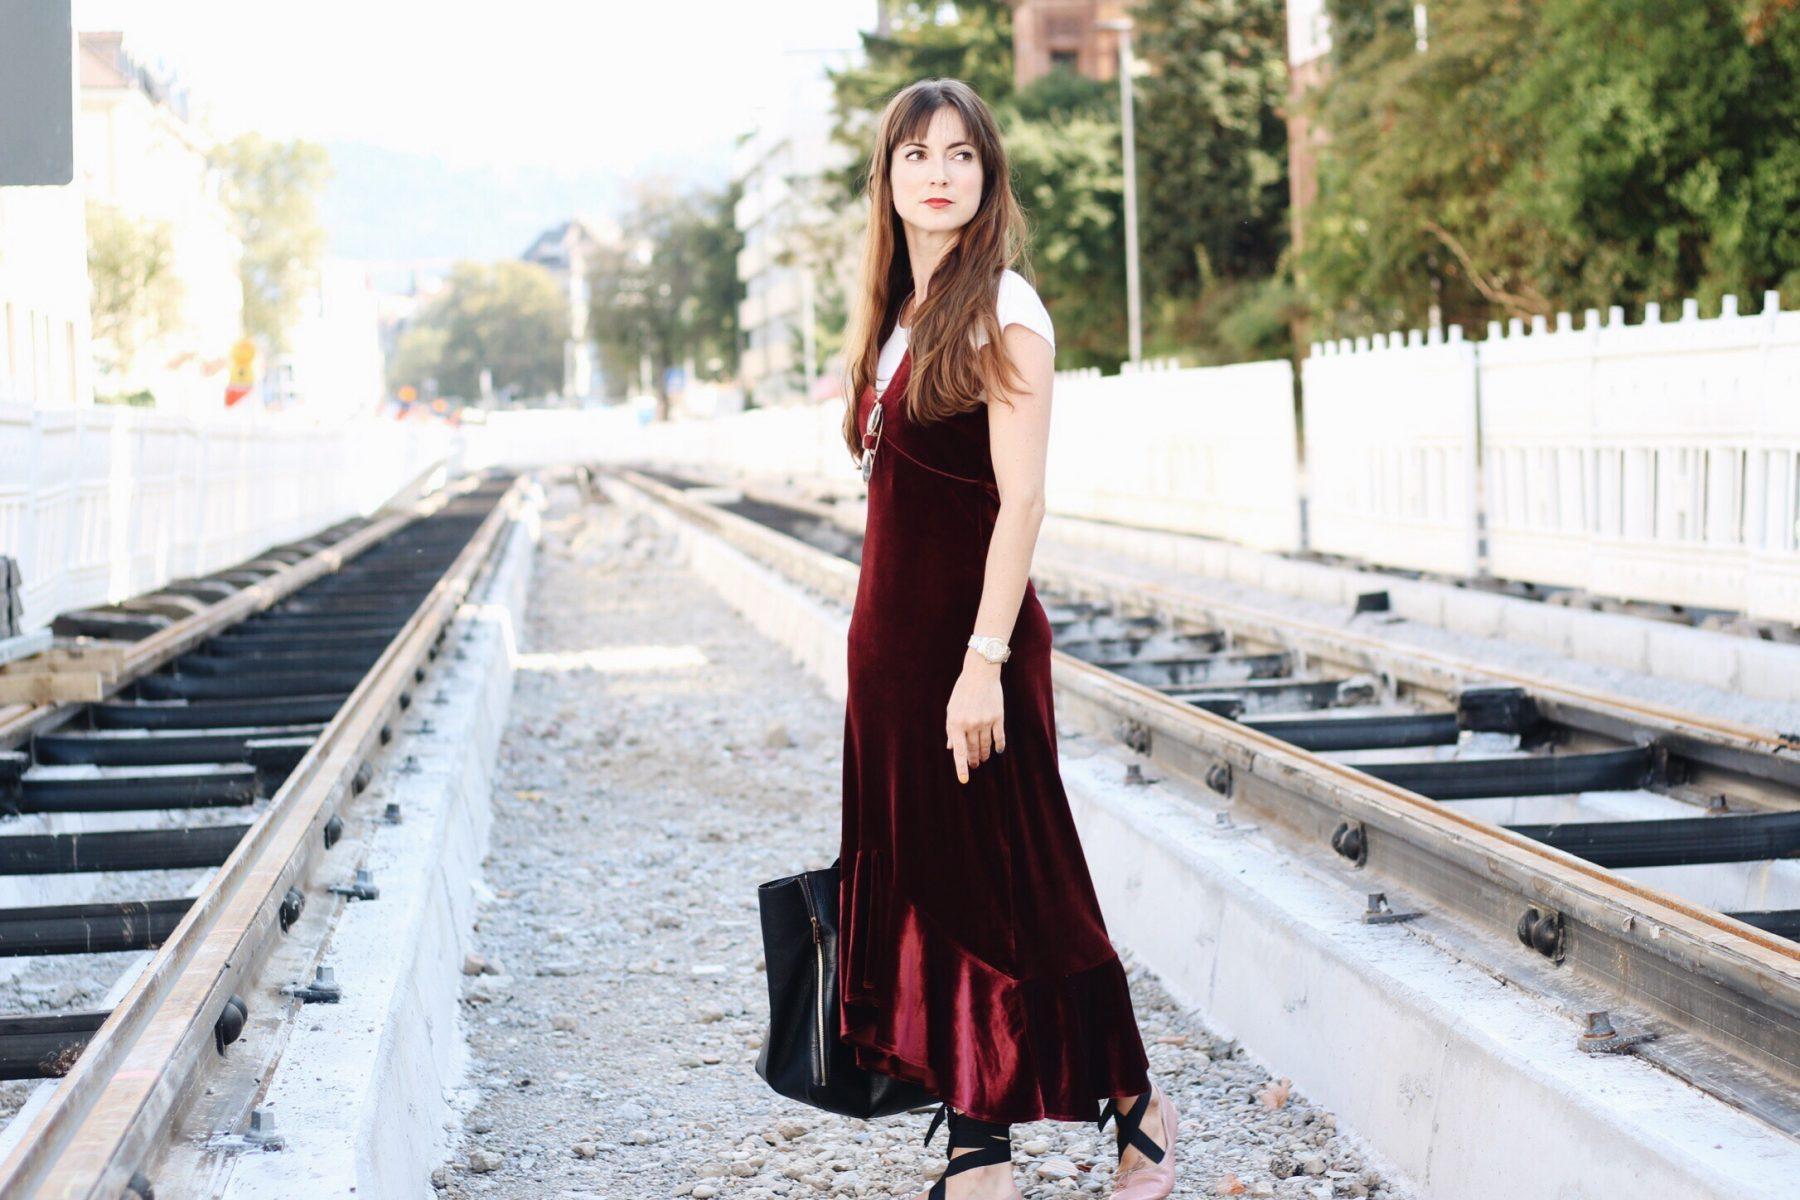 Mein neues Samtkleid heute auf meinem Modeblog